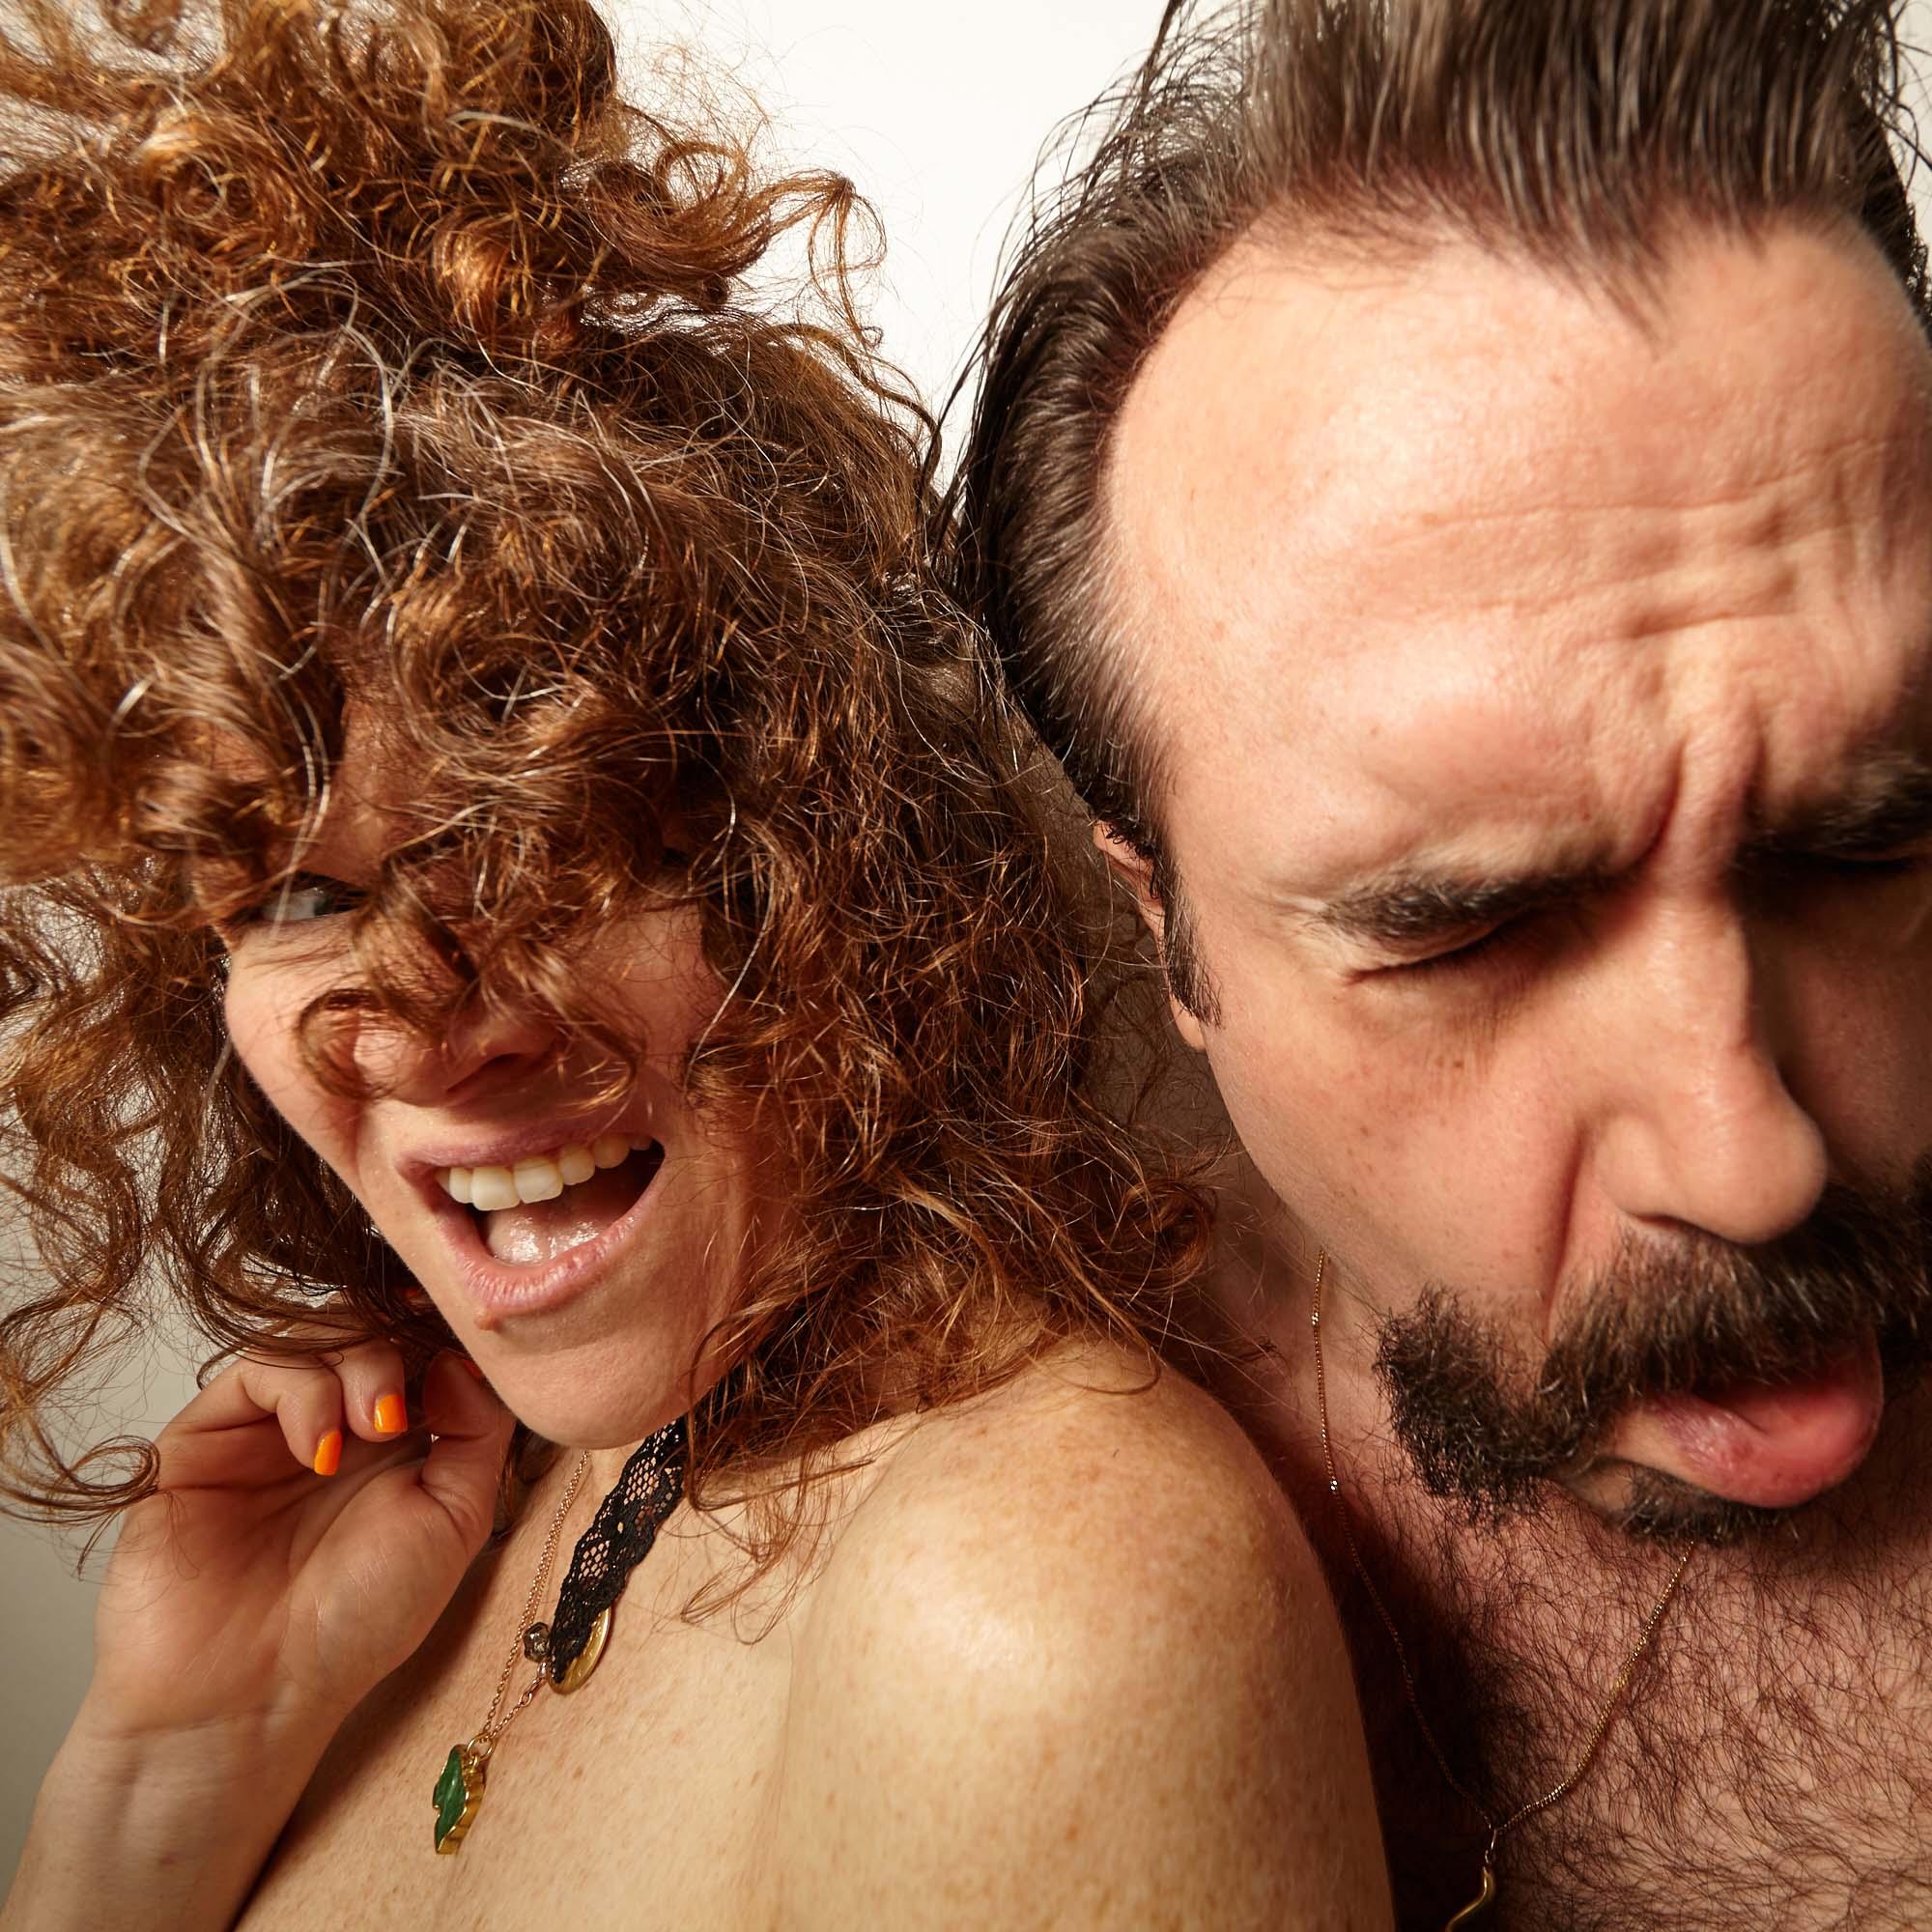 The-Naked-Heroes-hair.jpg